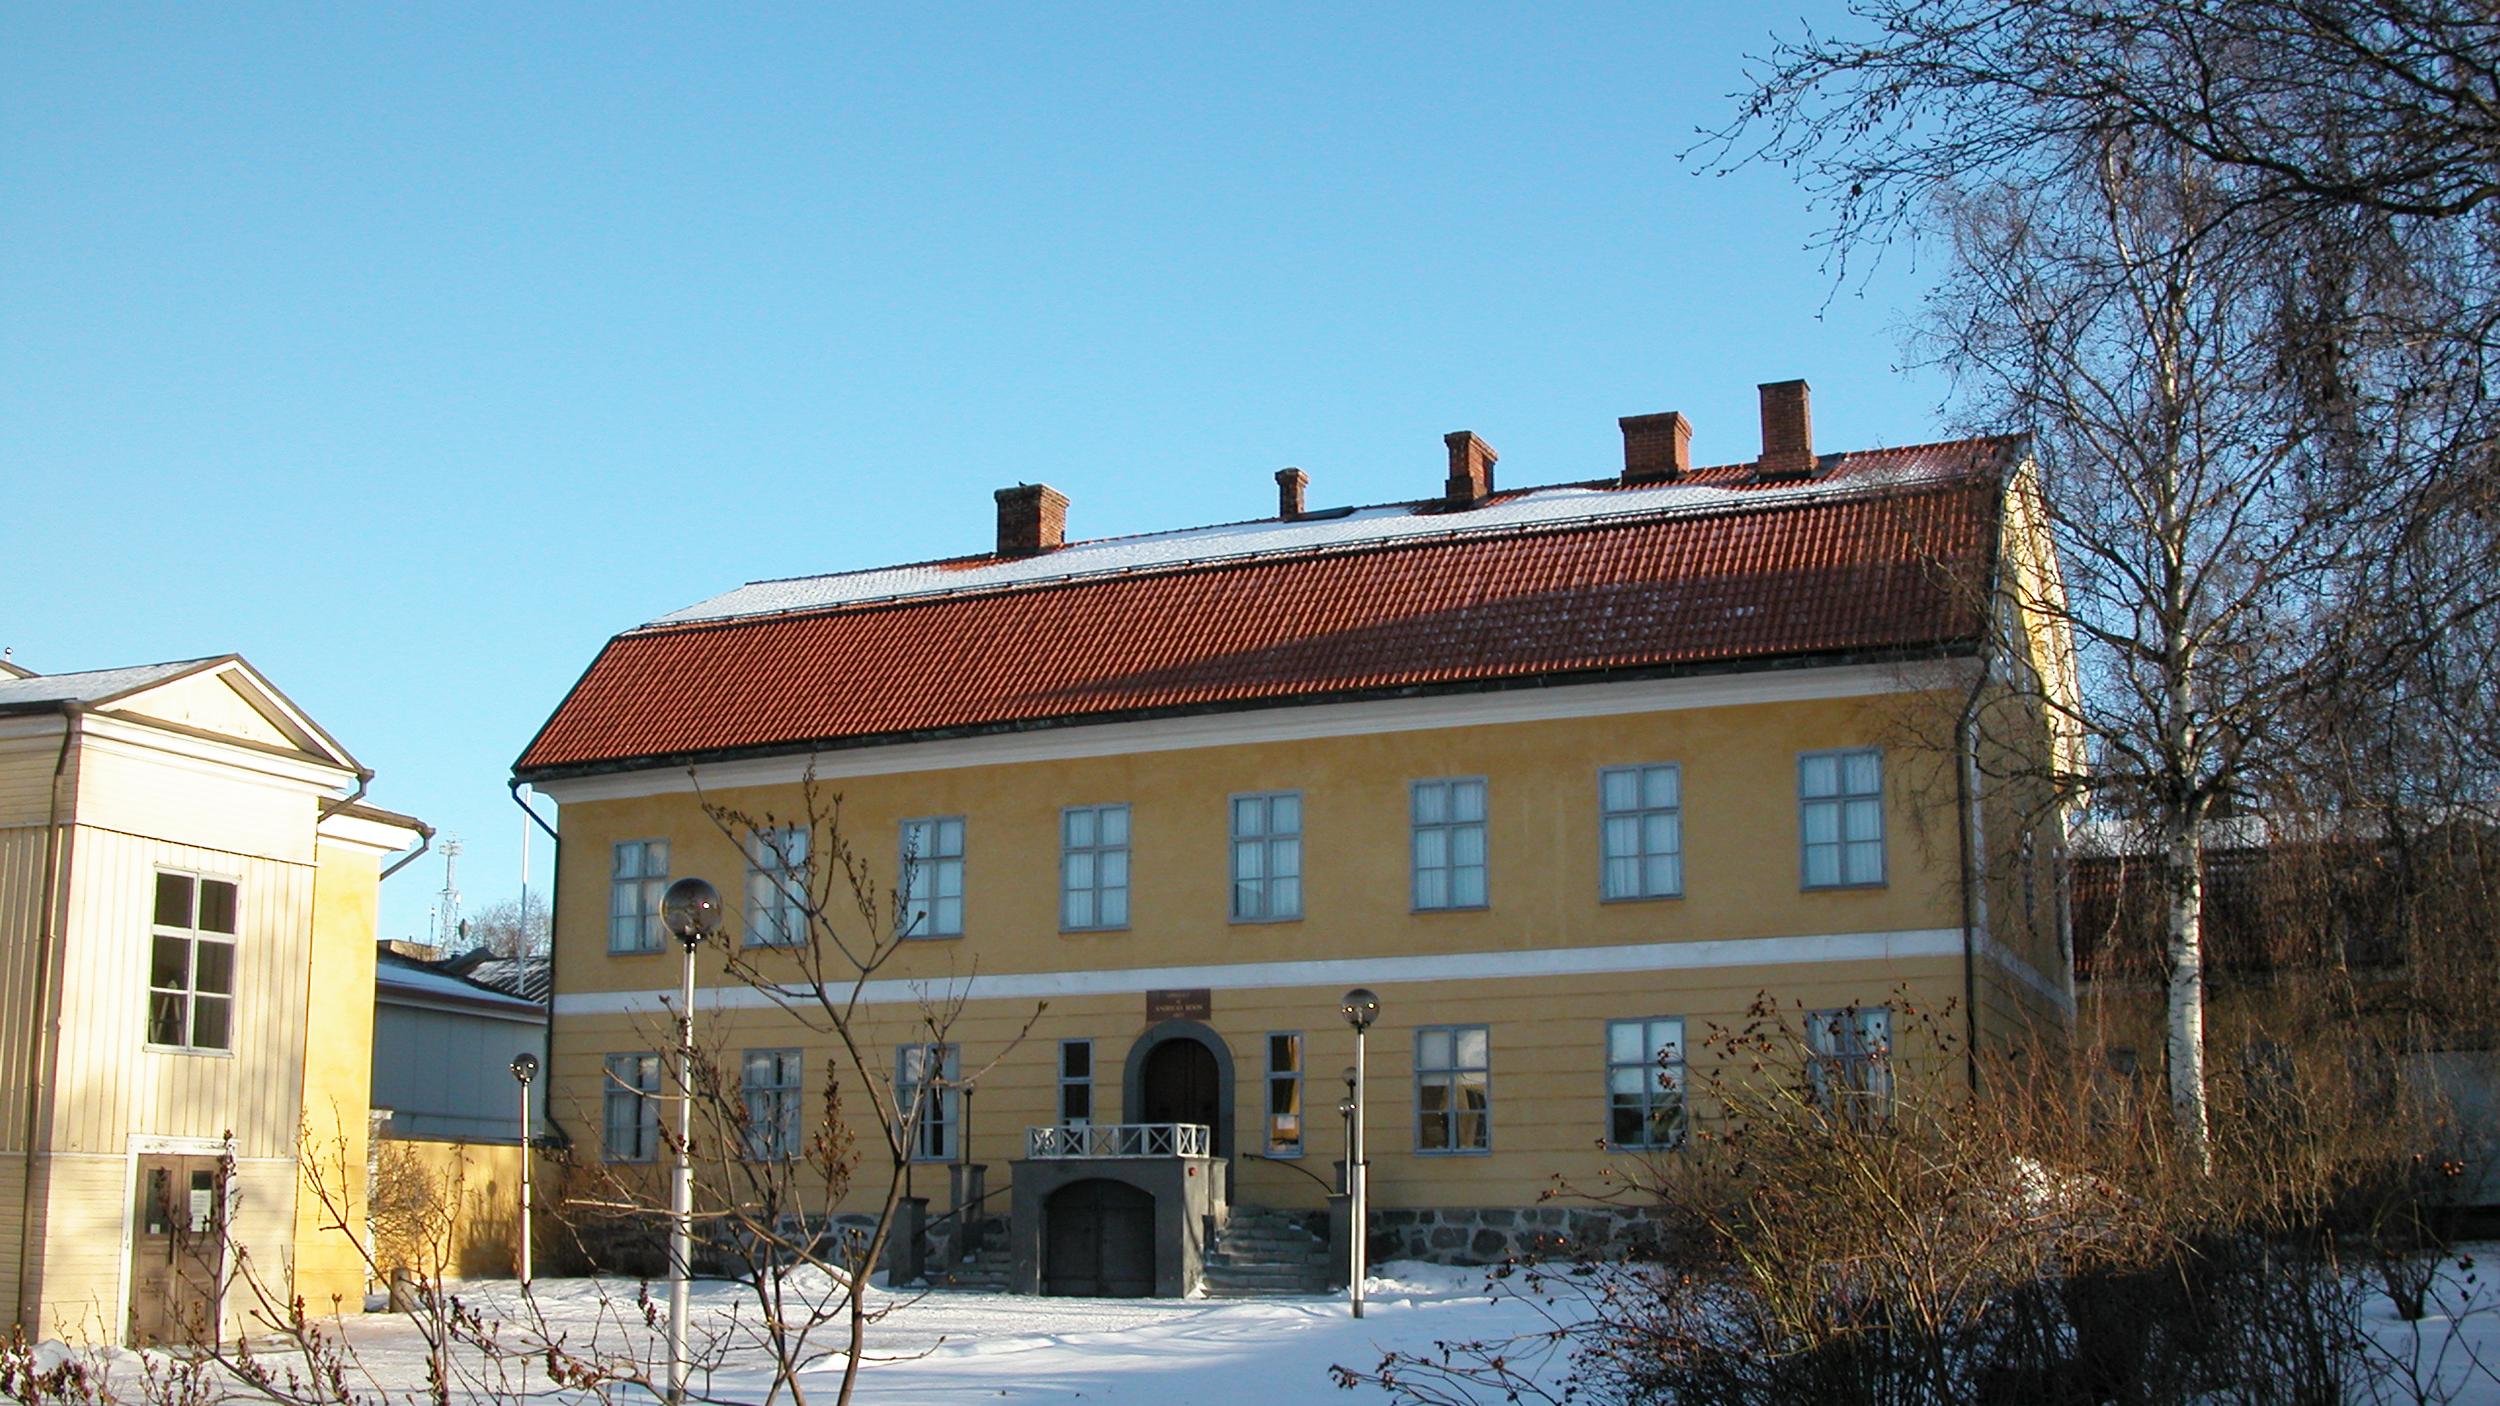 Suuri, keltainen kivirakennus on kuvattu aurinkoisena talvipäivänä.